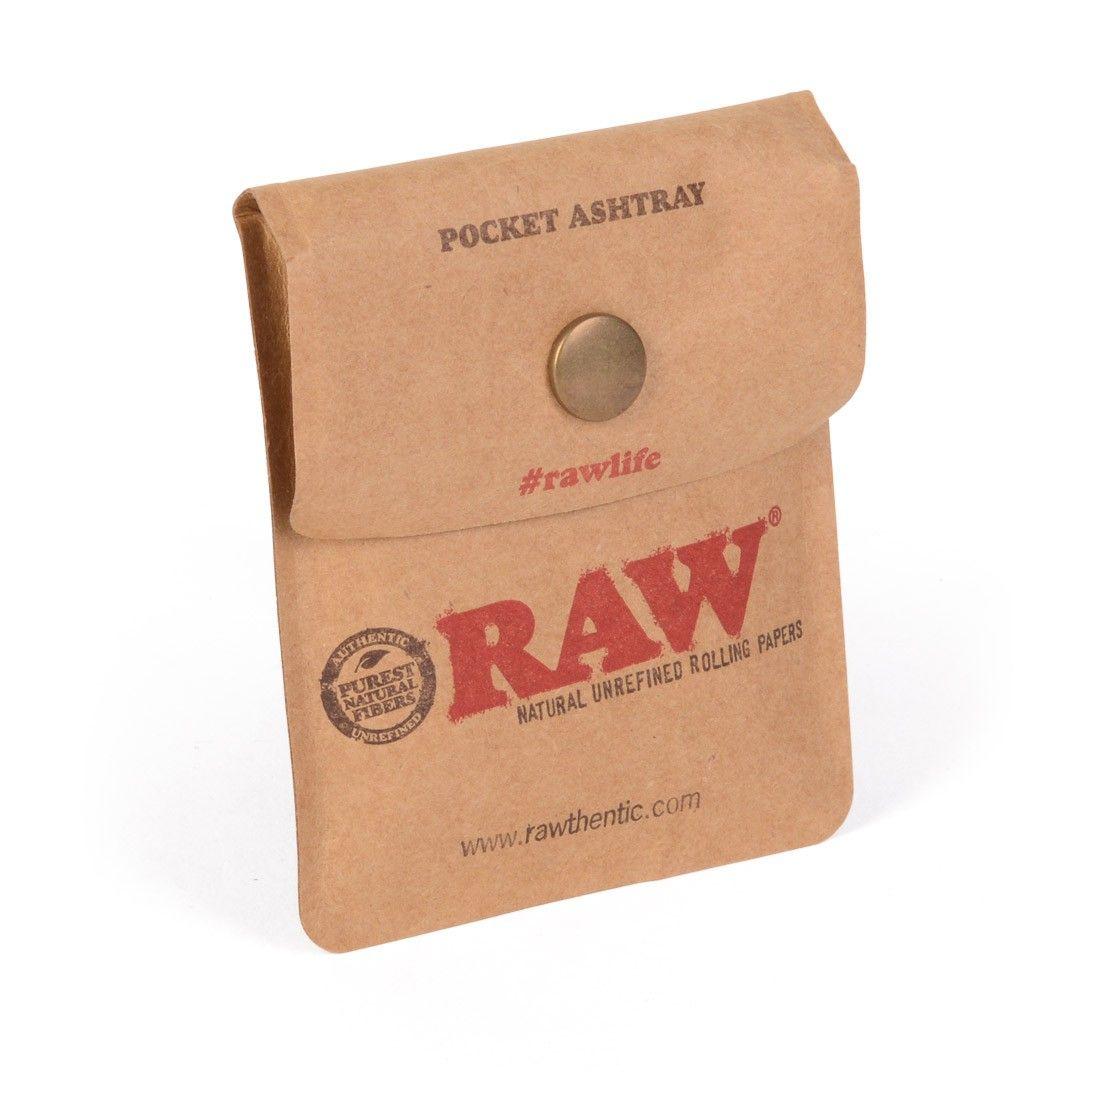 Bien connu Cendrier de poche Raw, cendrier pochette pour mégots ND77